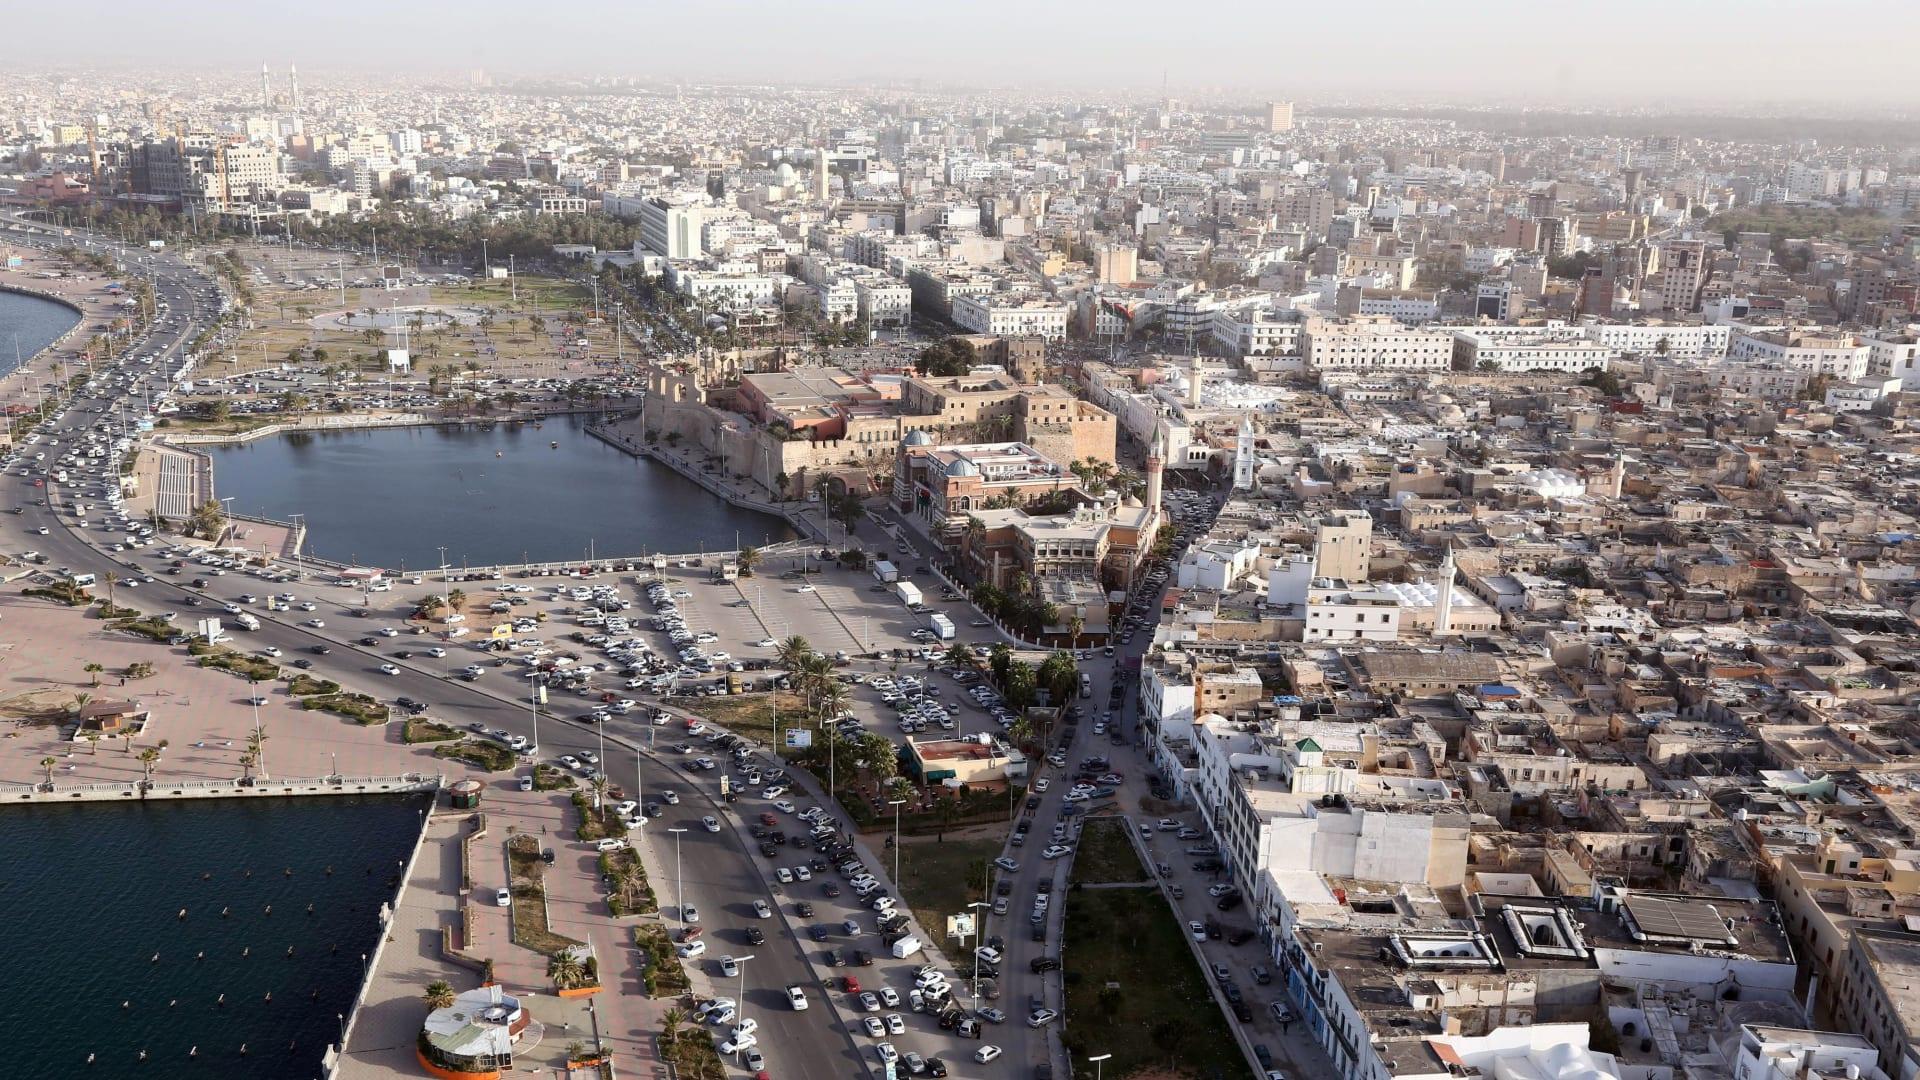 """افتاء ليبيا تدعو لمظاهرات الجمعة لإسقاط البرلمان """"الساقط شرعا"""""""